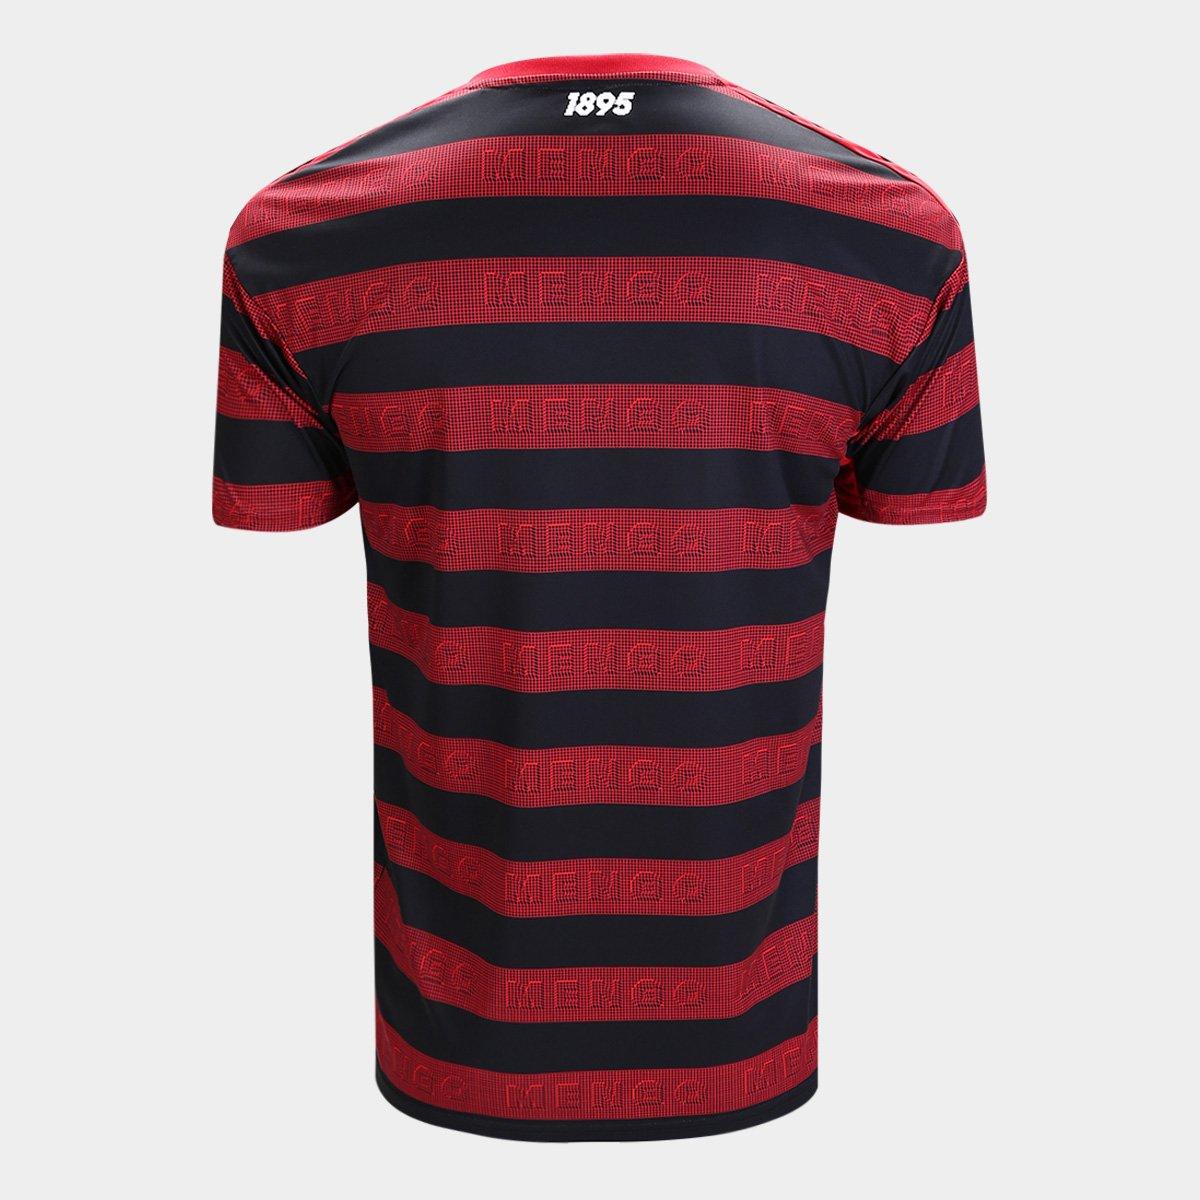 Torcedor Vermelho Flamengo Camisa sn° e Masculina Preto I Adidas 1920 shxrCtQd